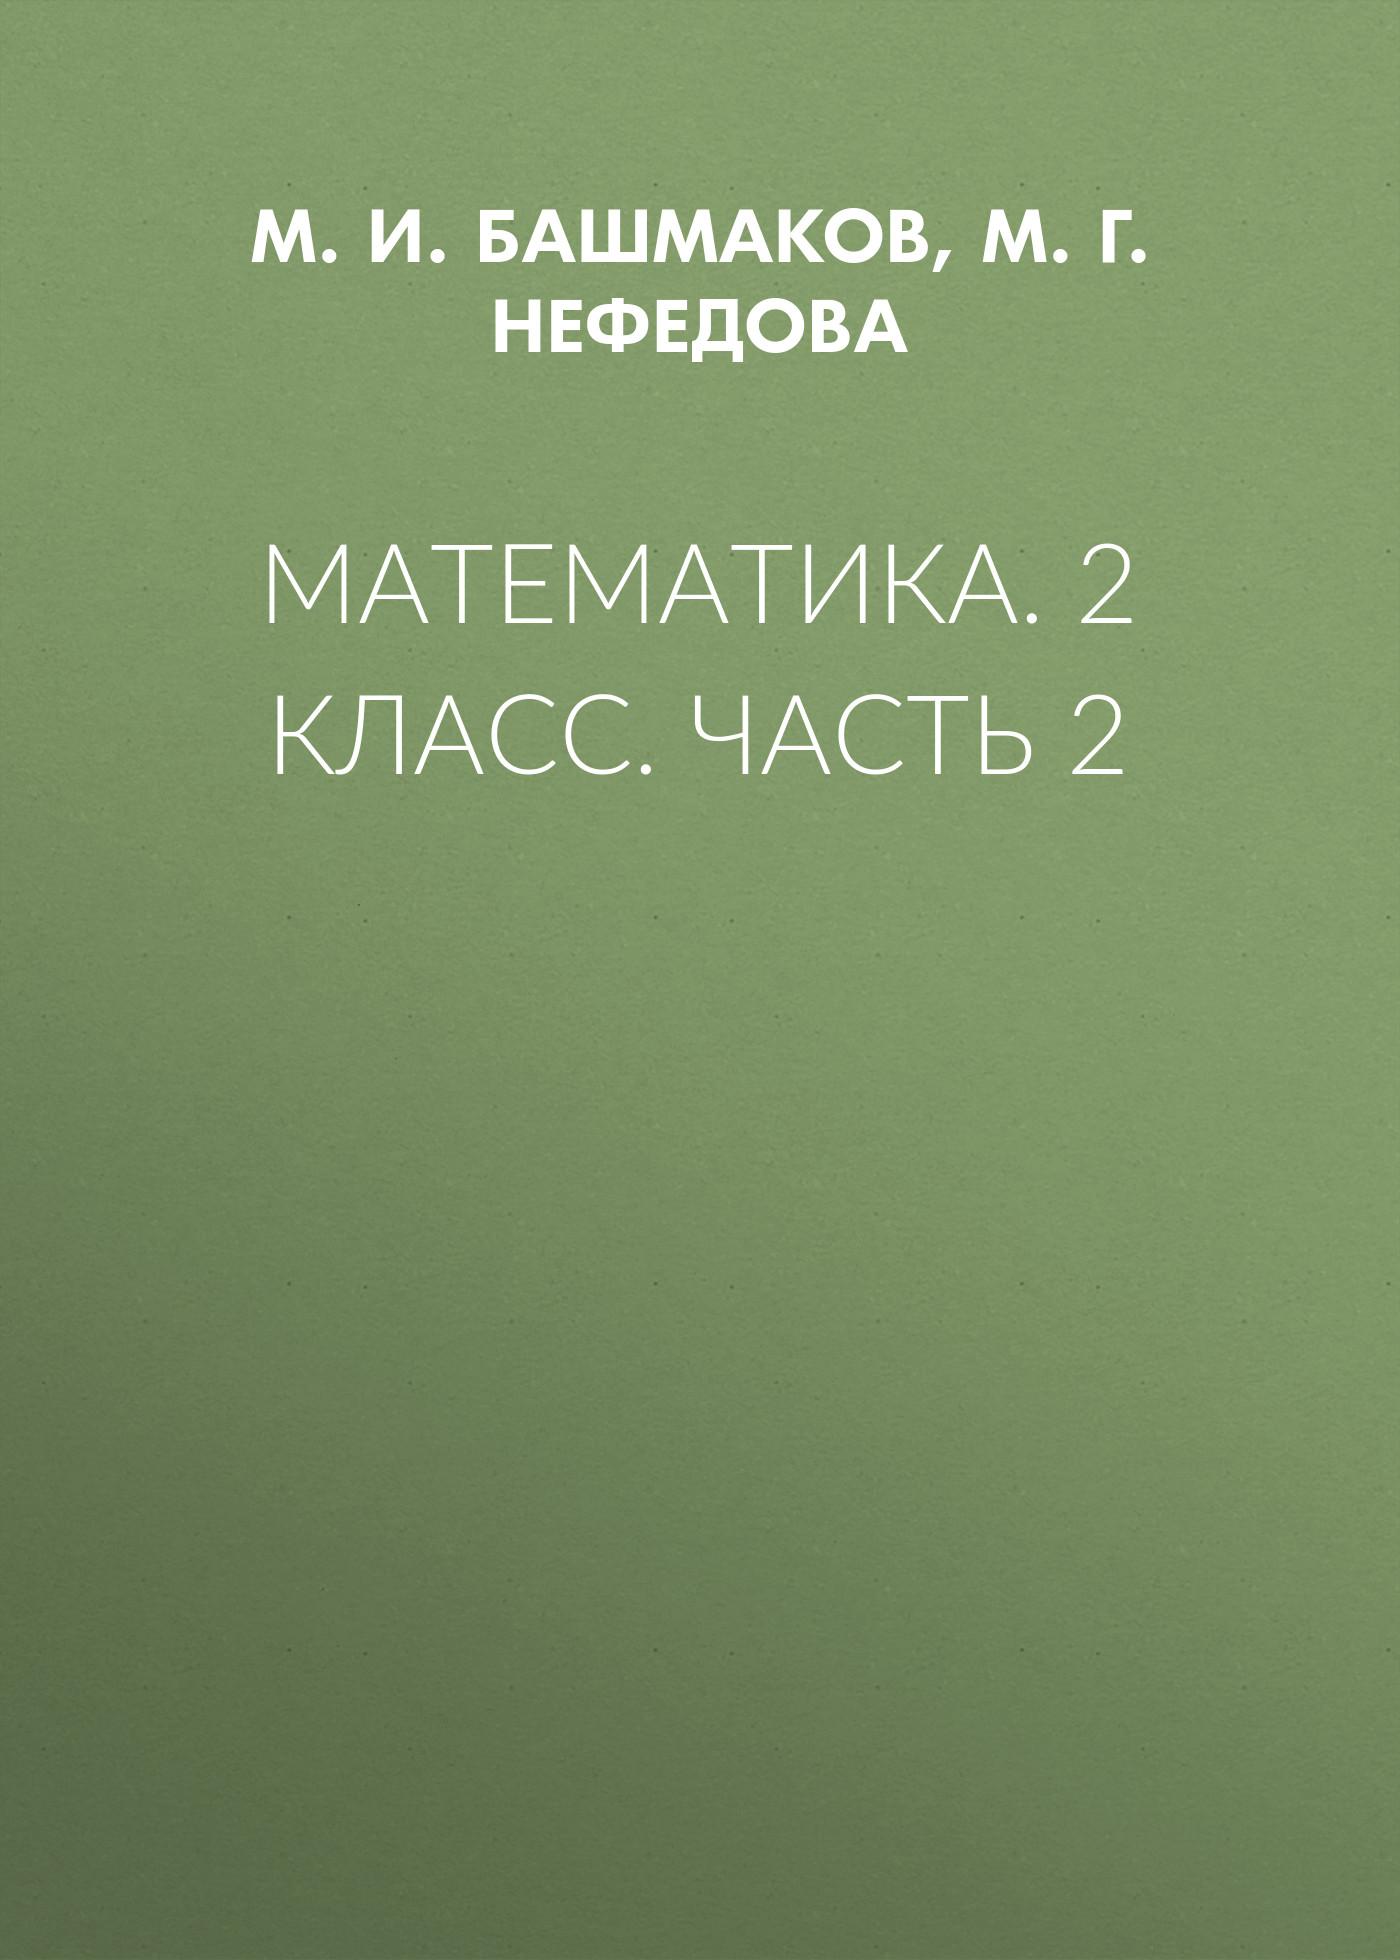 М. И. Башмаков Математика. 2 класс. Часть 2 федеральный государственный образовательный стандарт начального общего образования